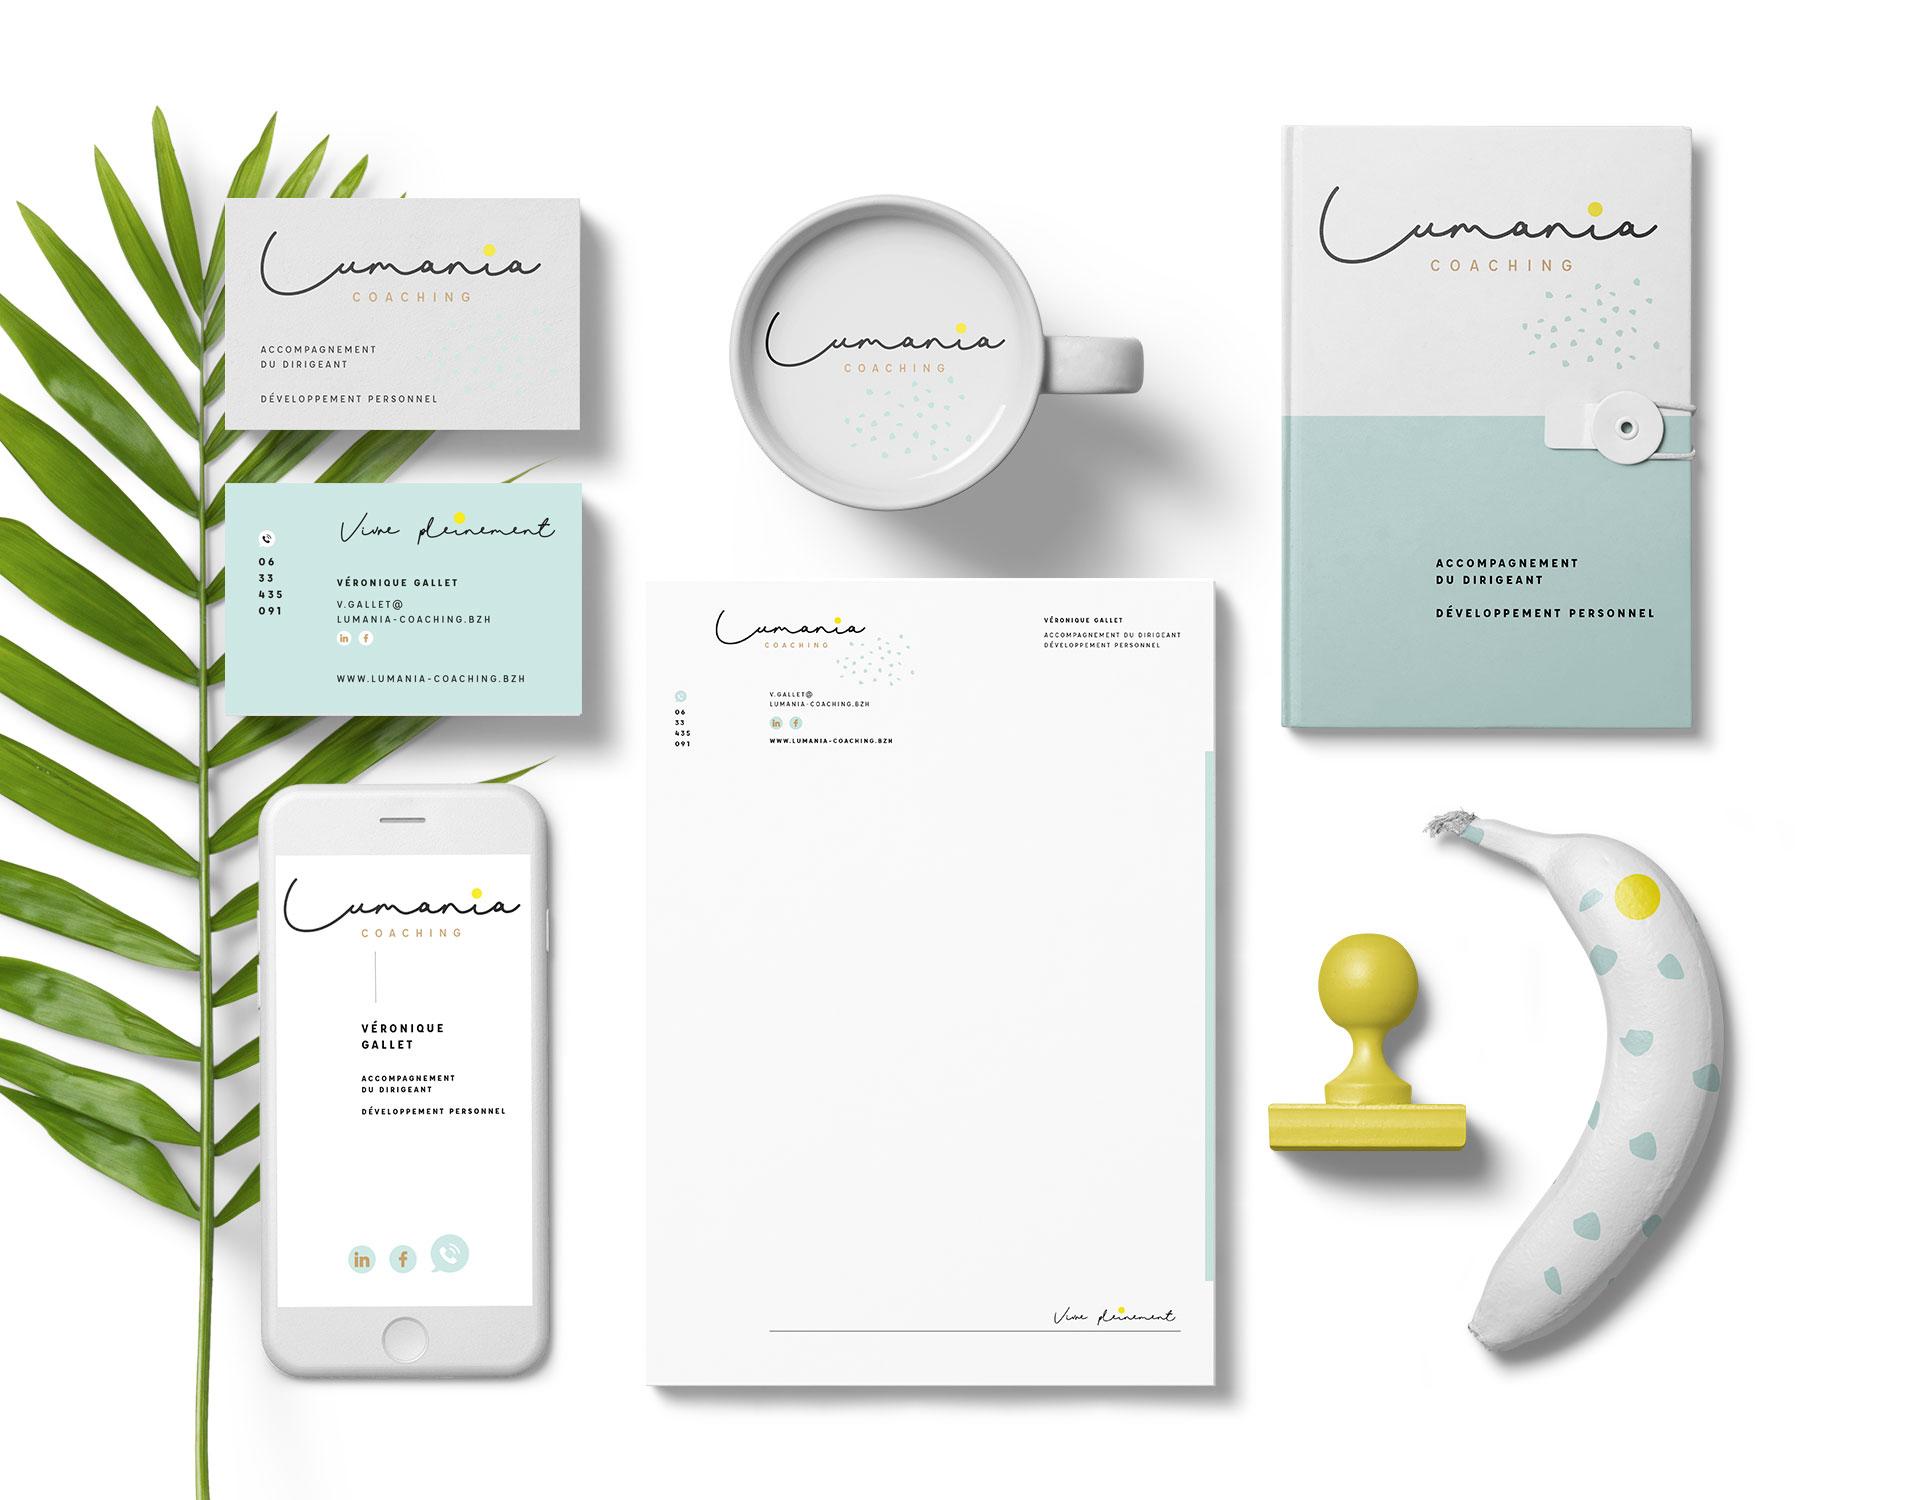 Logo-Lumania coaching-Coqueliko